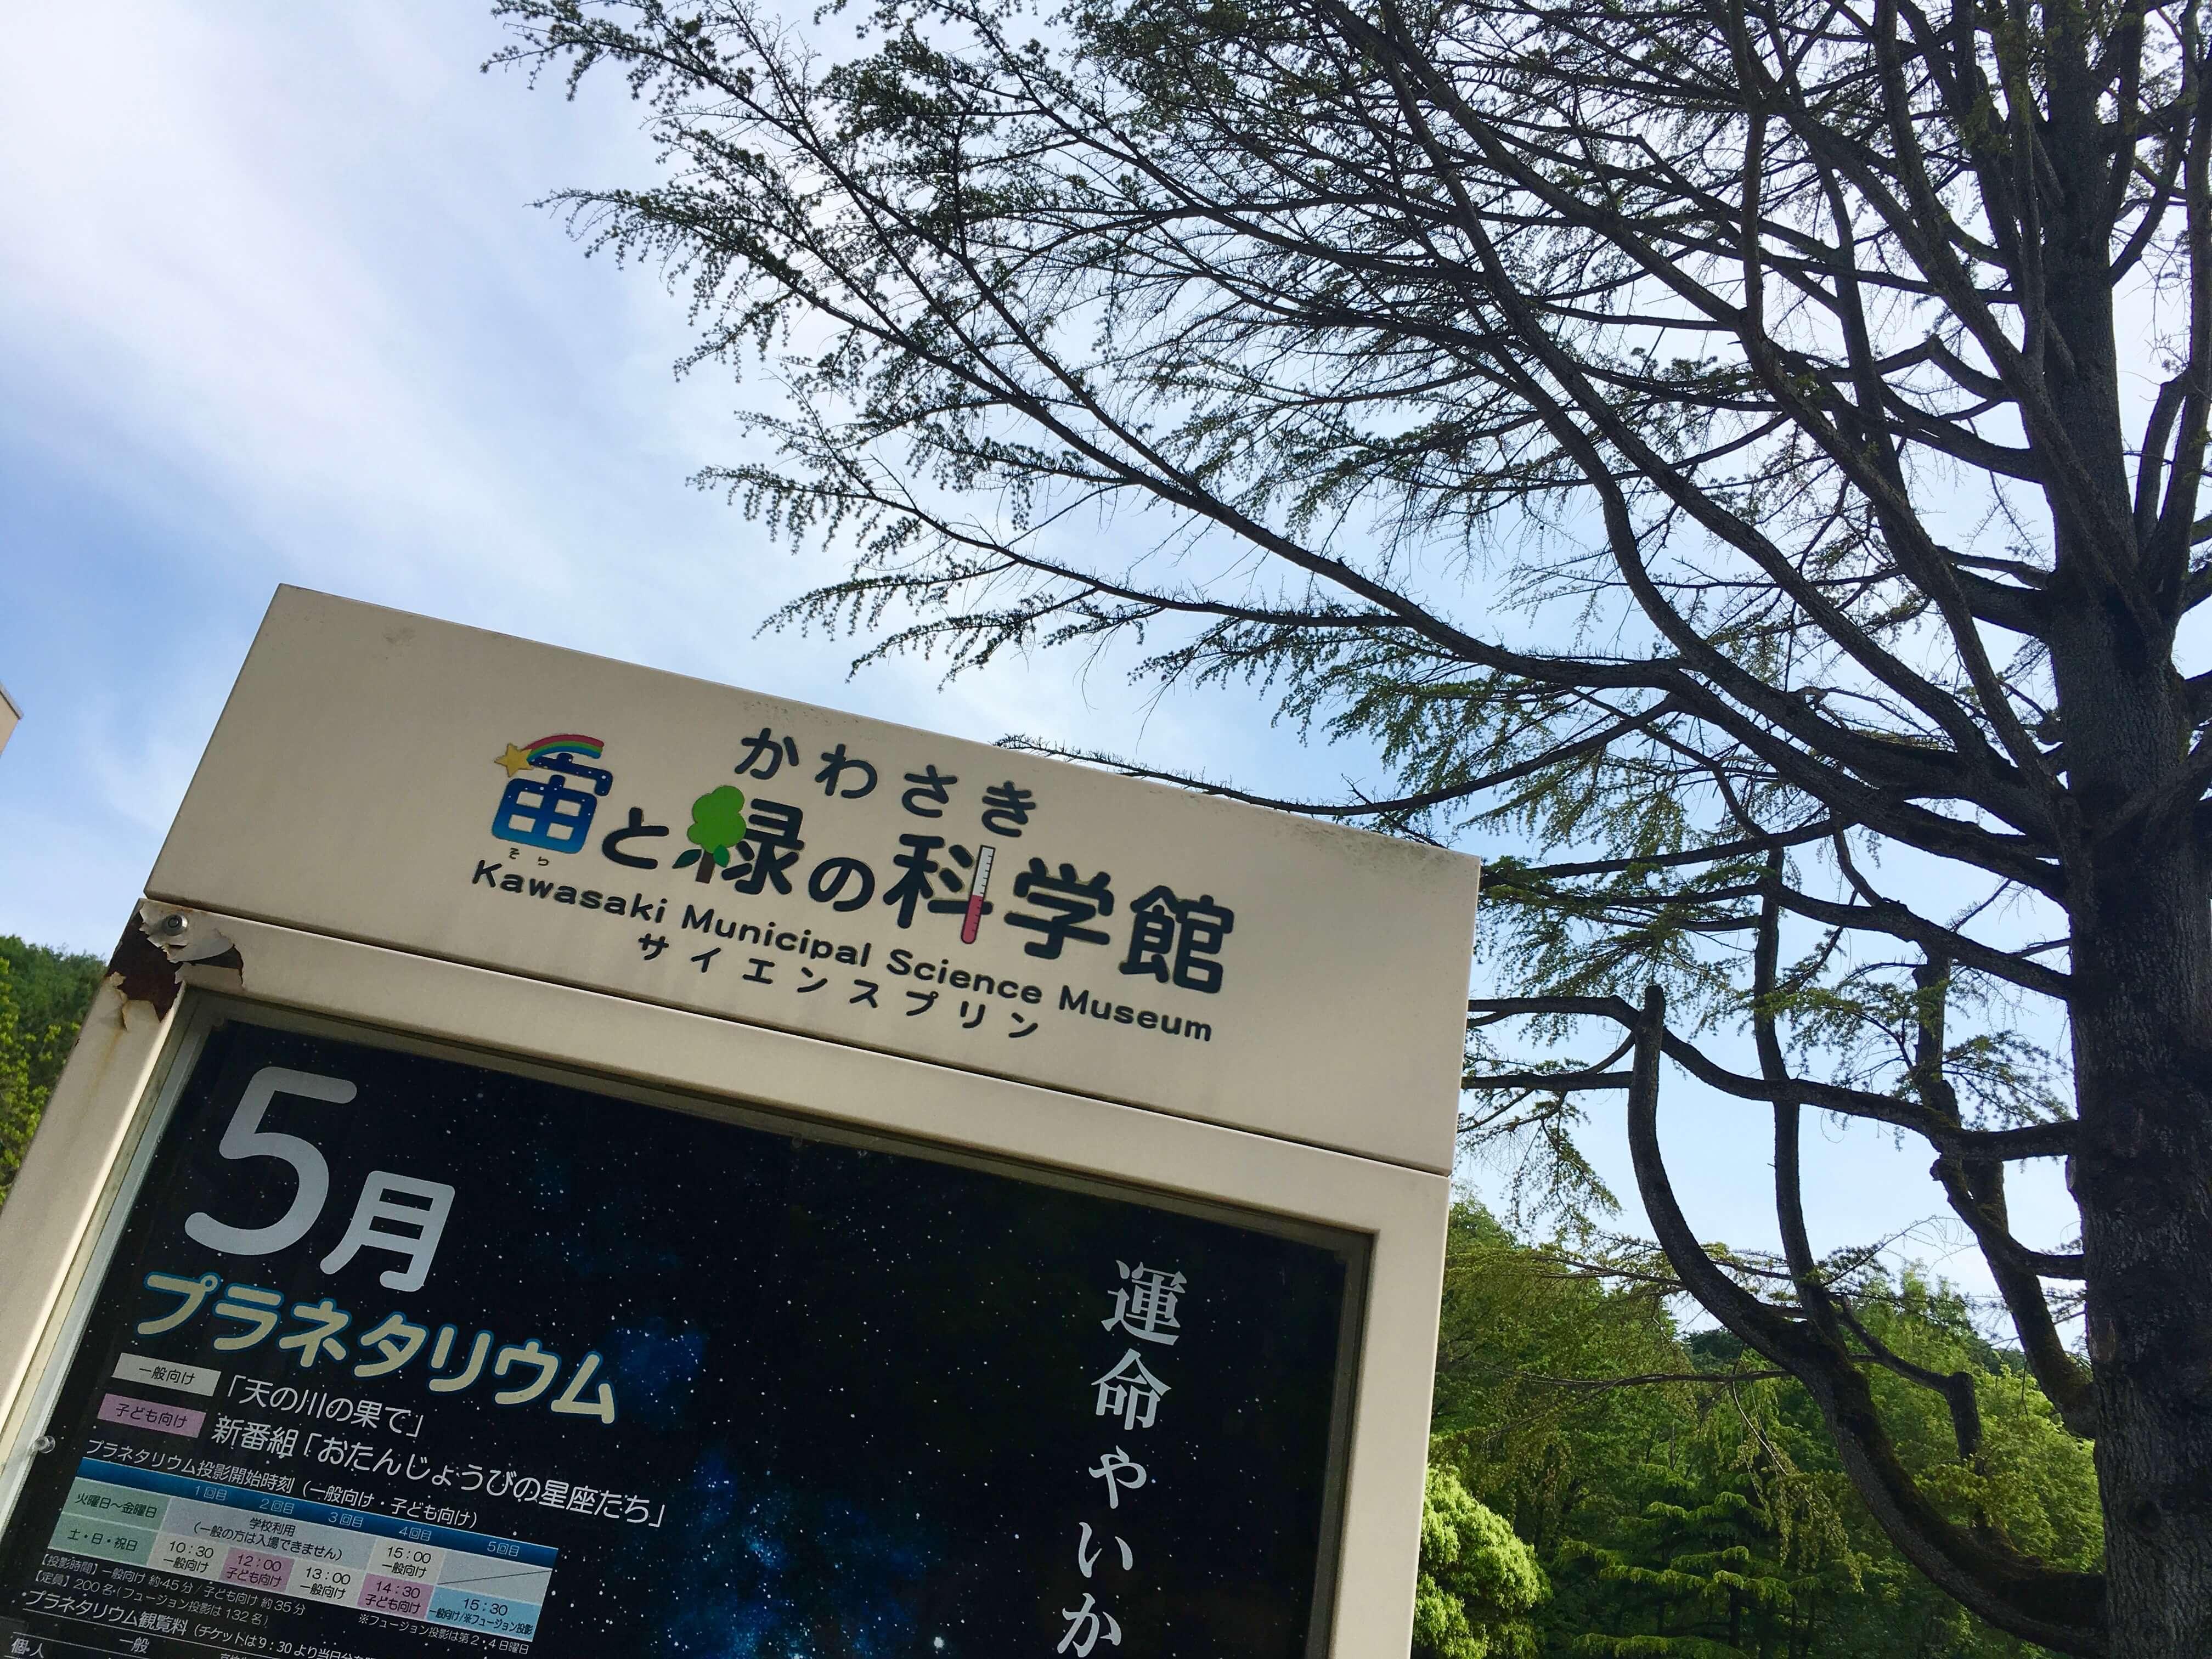 かわさき 宙と緑の科学館